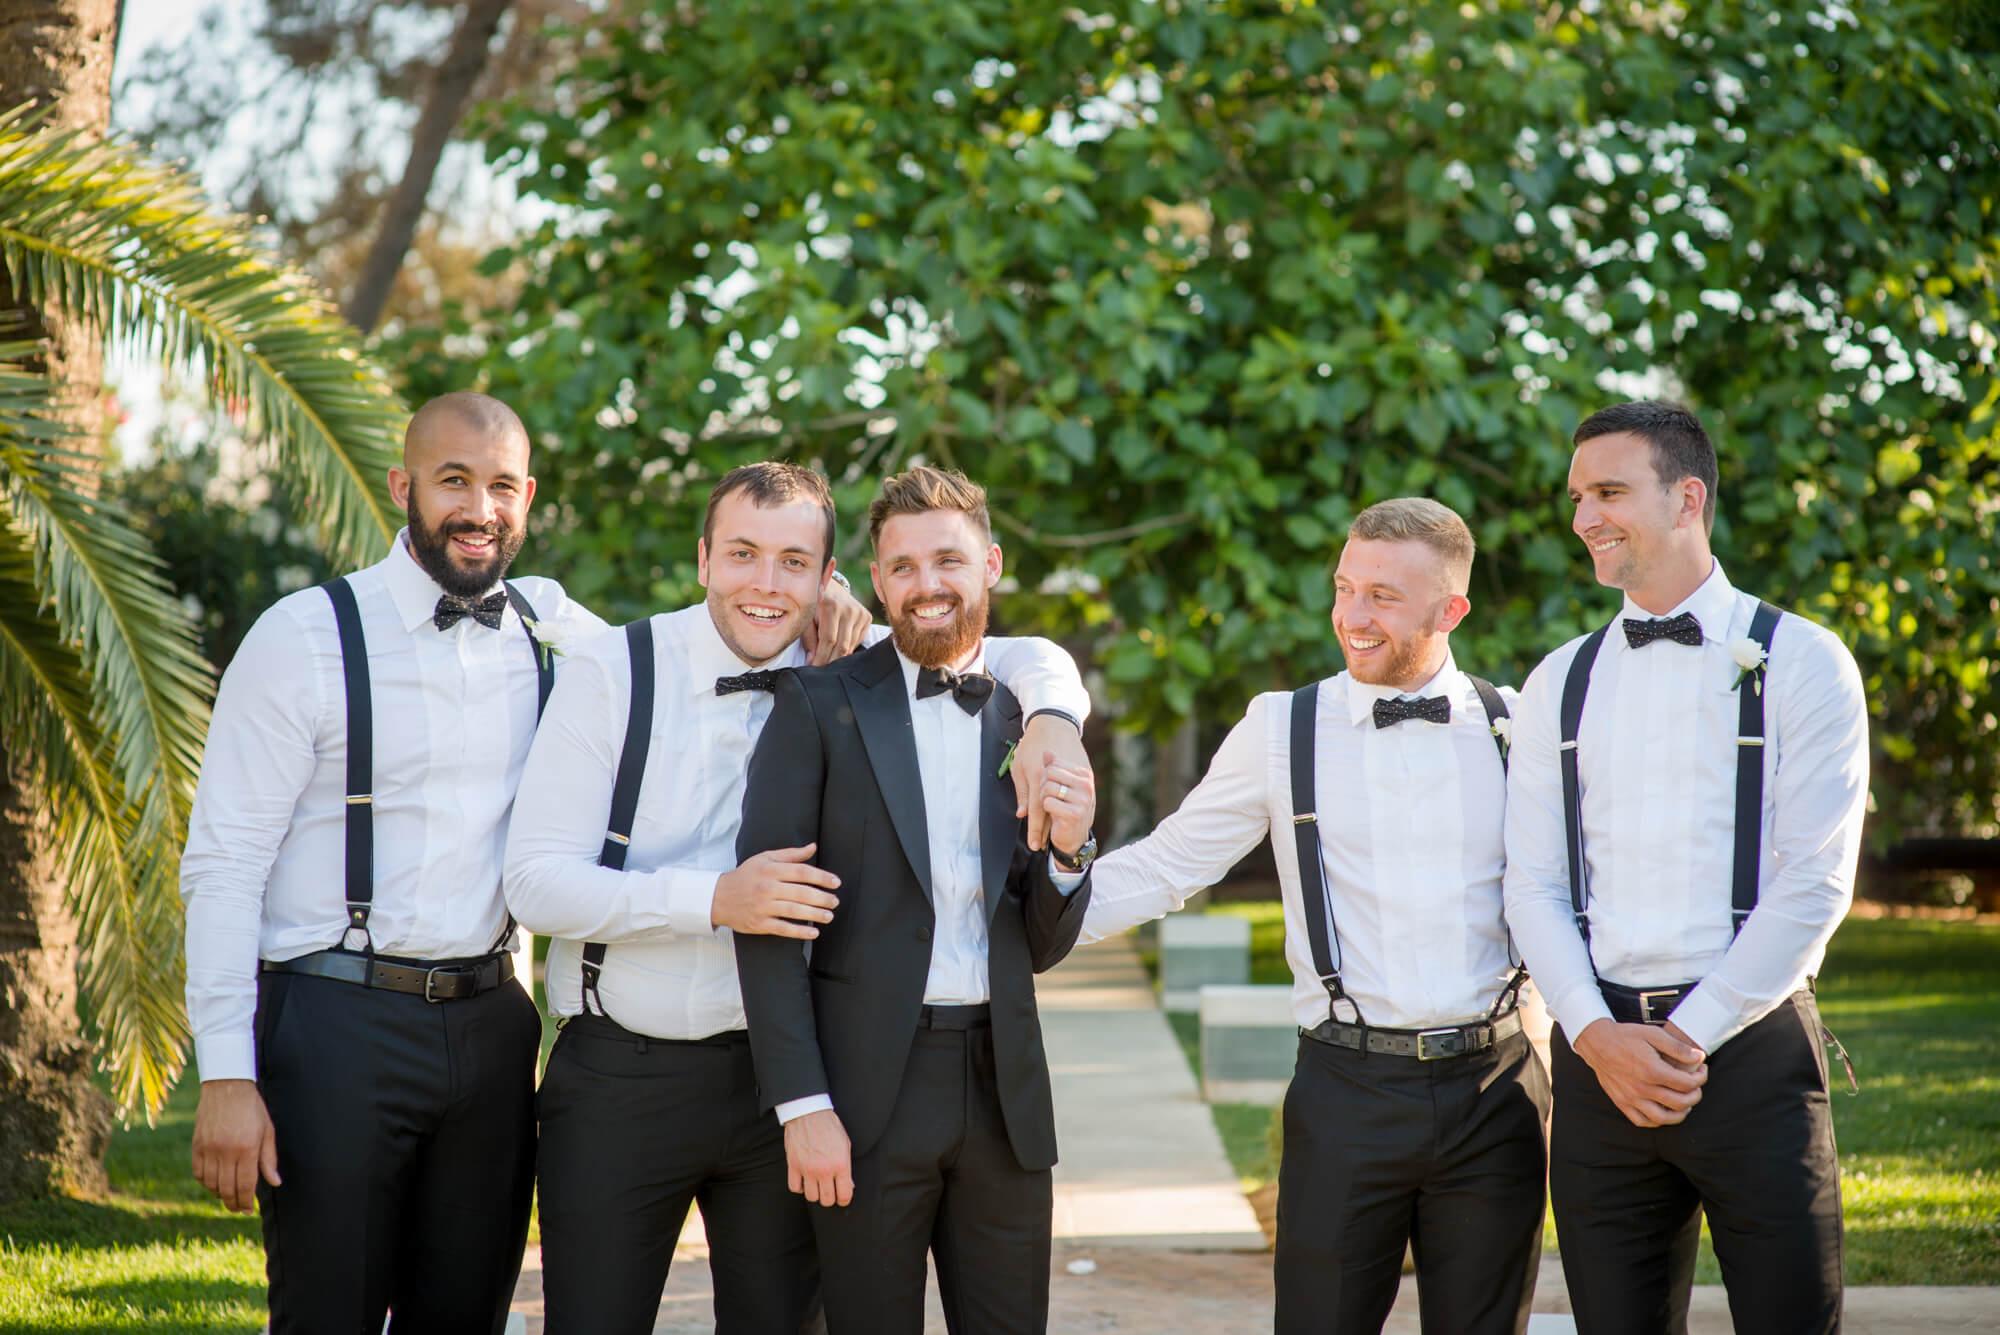 groom groomsmen formal photo black tie